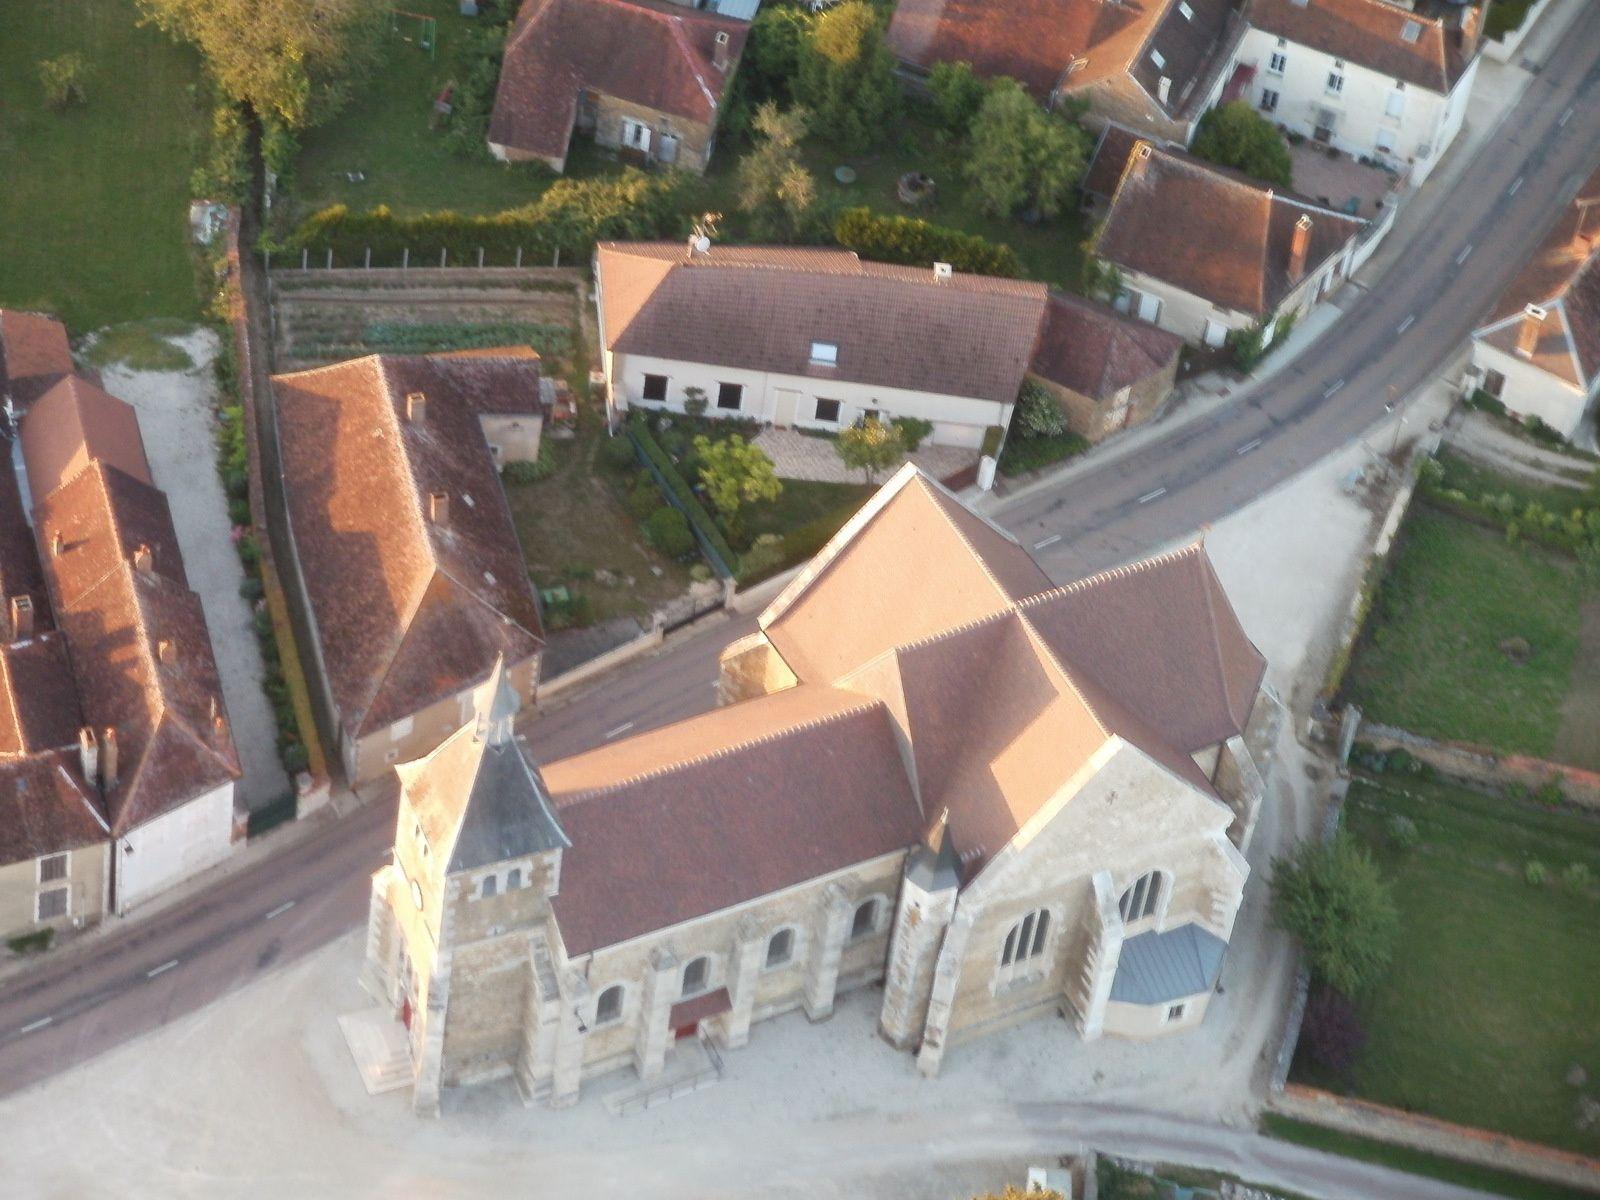 me voilà dans l'Aube au dessus de Marolles sous Lignières dont l'église attire ma curiosité